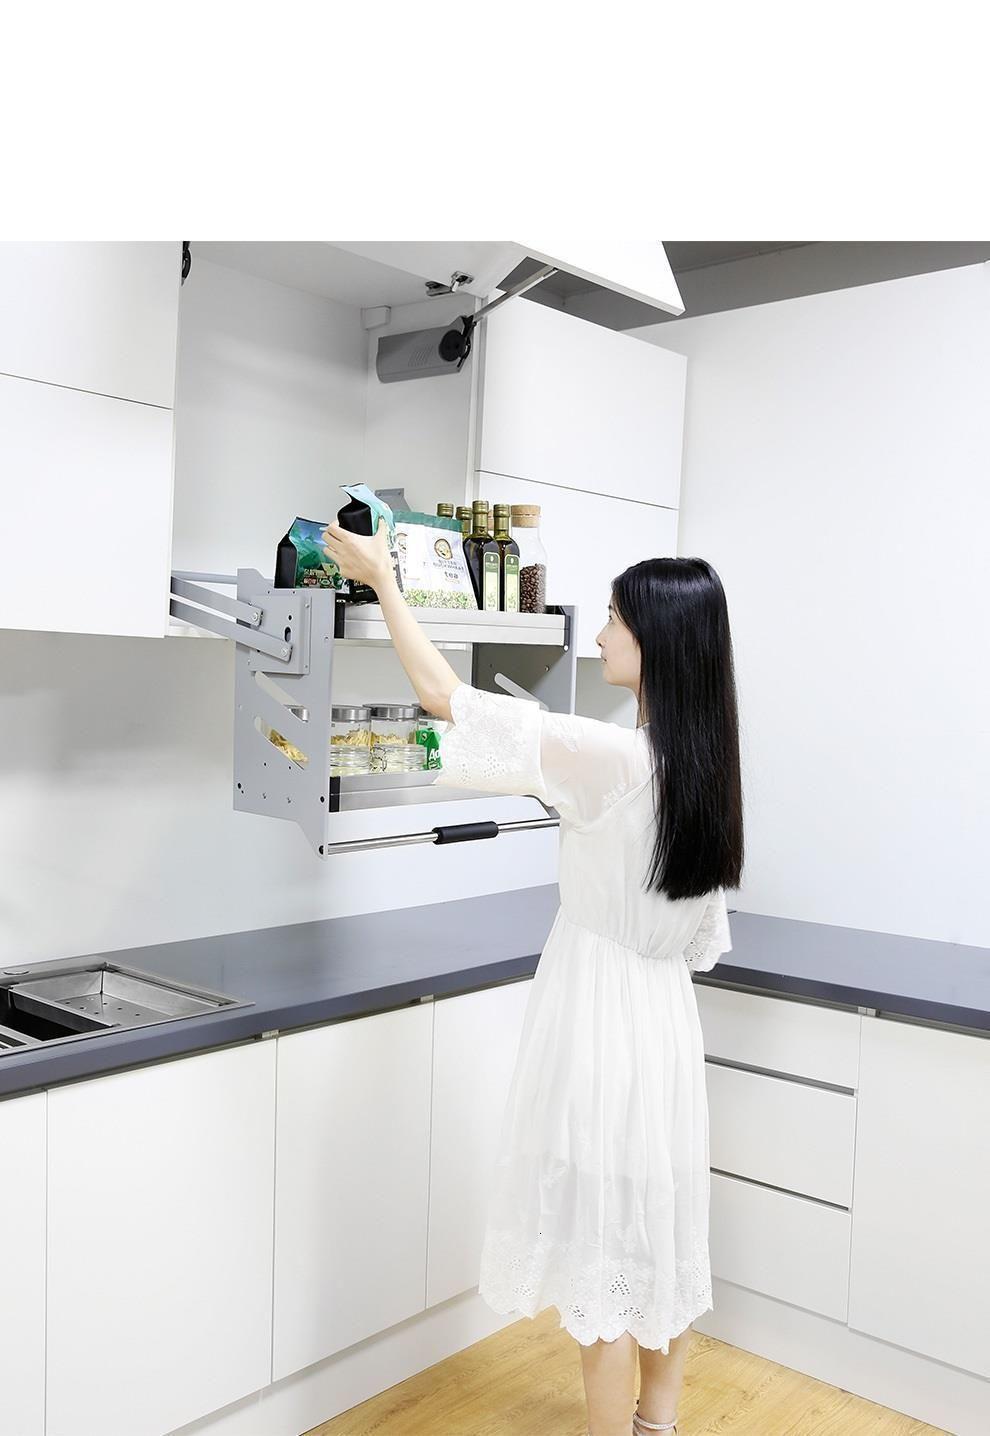 Luxury Kitchen Cabinet Handles Organizer Nordic Garner In 2020 Luxury Kitchen Cabinets Modern Kitchen Cabinet Handles Stainless Steel Kitchen Cabinets